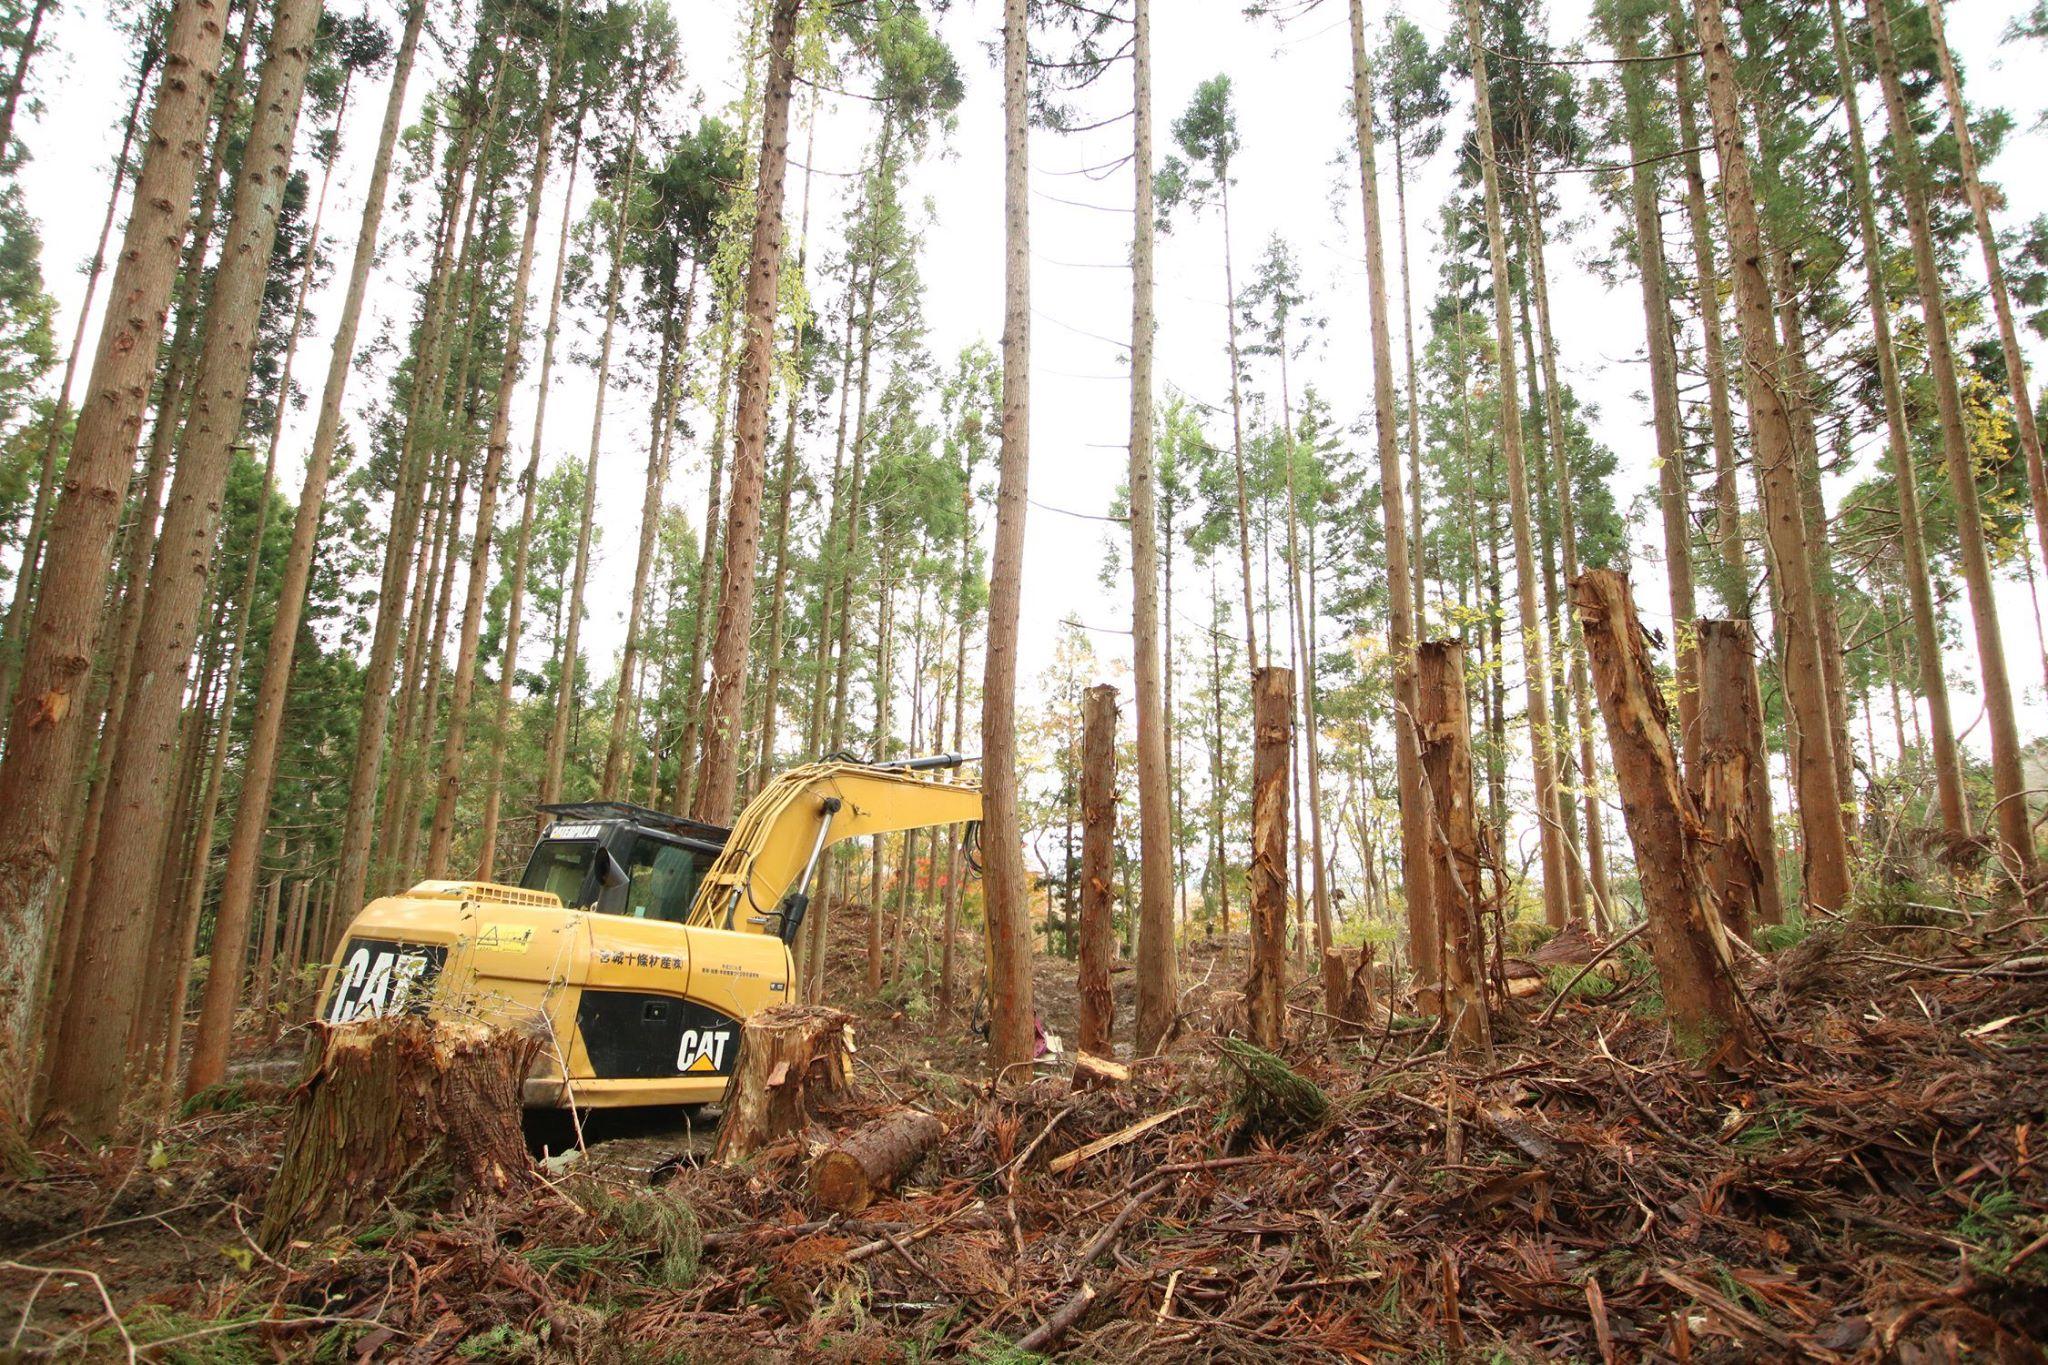 七つ森バスツアー 〜この森の木で家を建てる〜